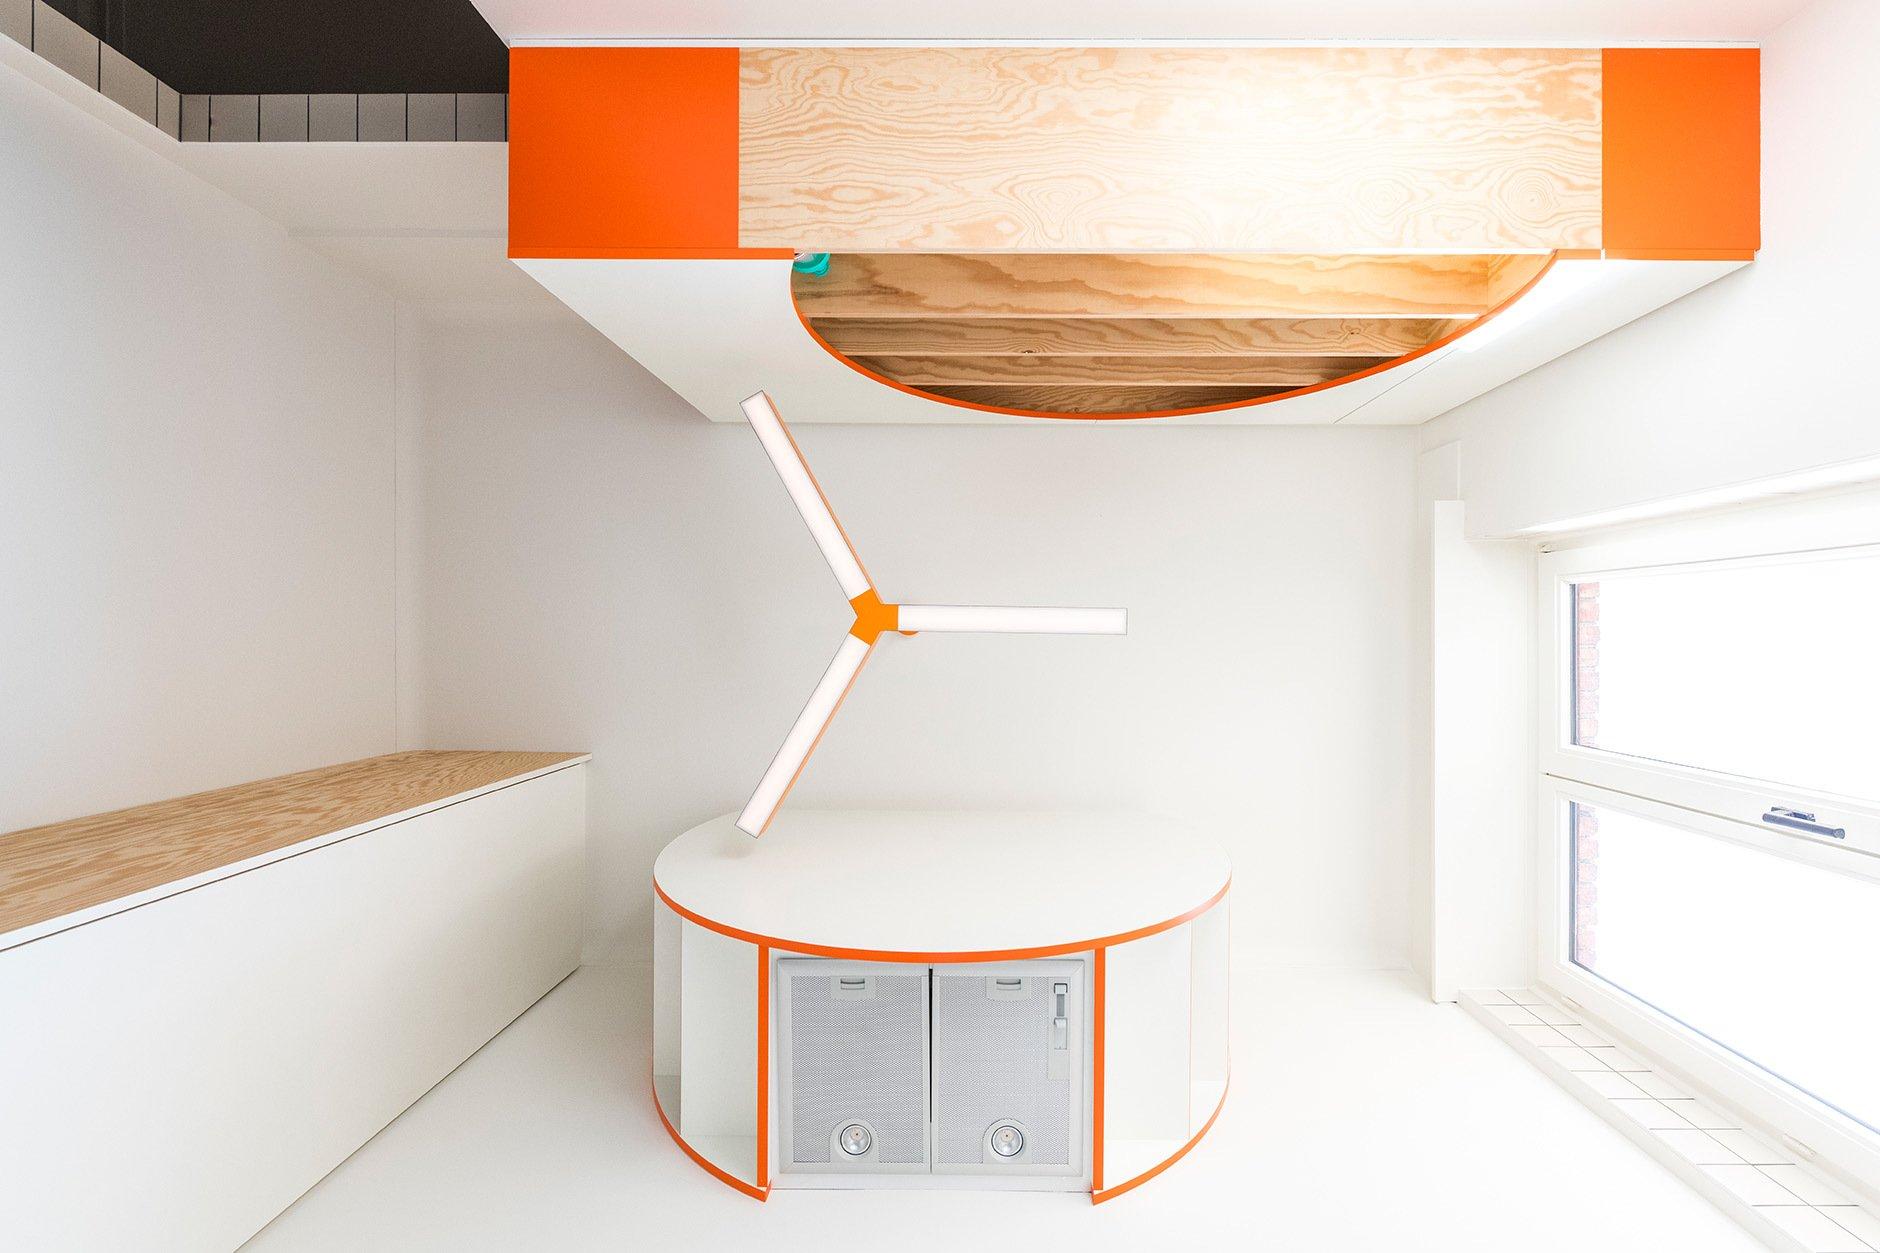 Projekt KSENIA, eine Mikro-Küche mit weißen Kacheln und orangefarbenen Akzenten. ©Luc Roymans